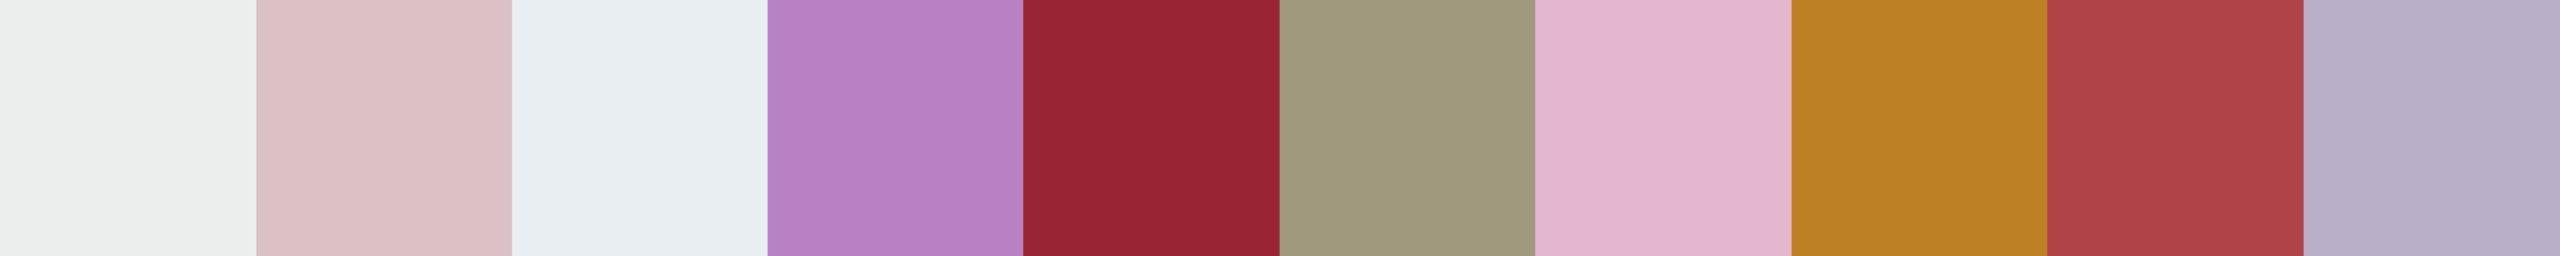 589 Olinda Color Palette